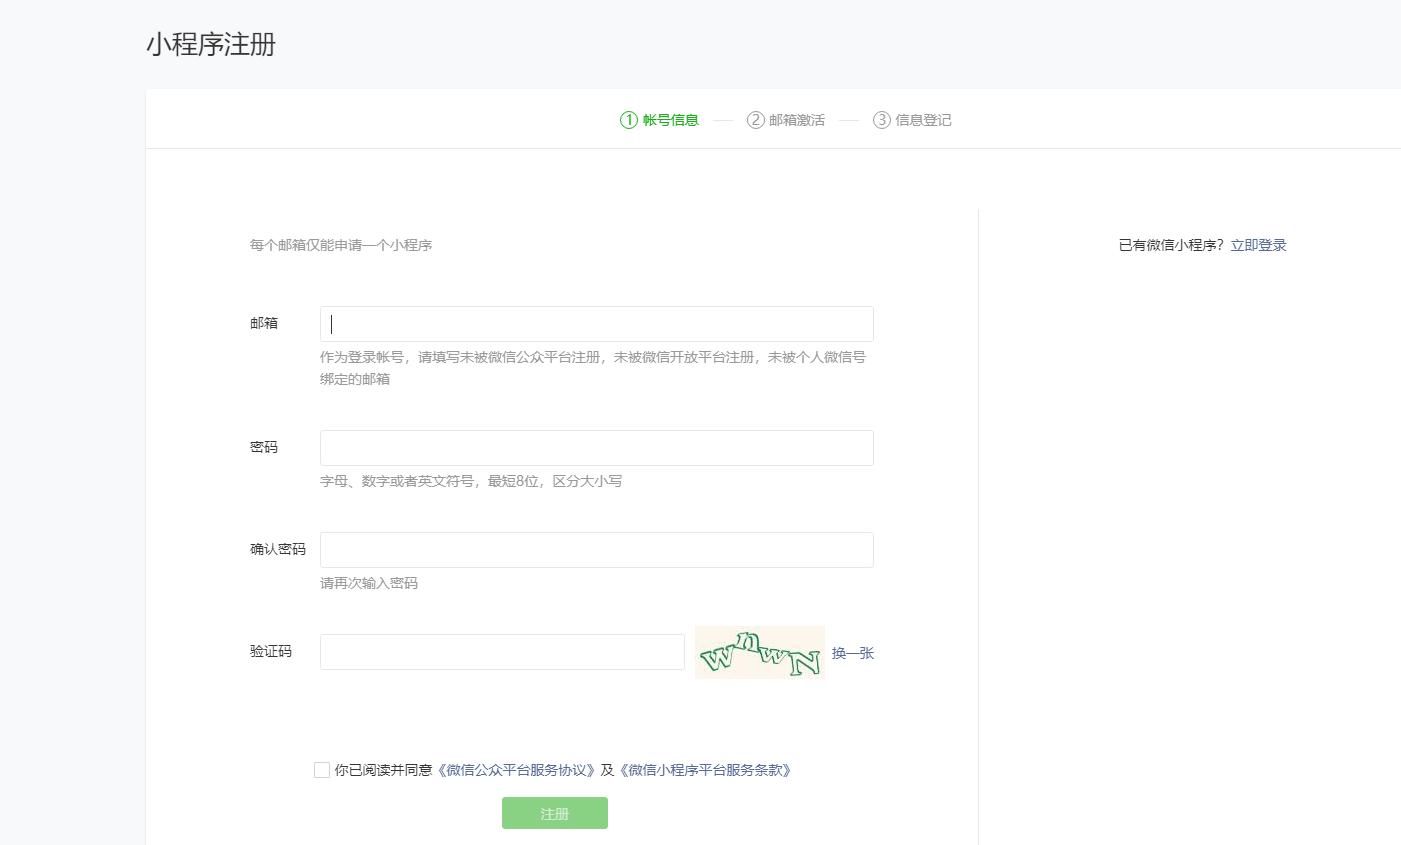 海外主体小程序注册流程(中文版)(图1)